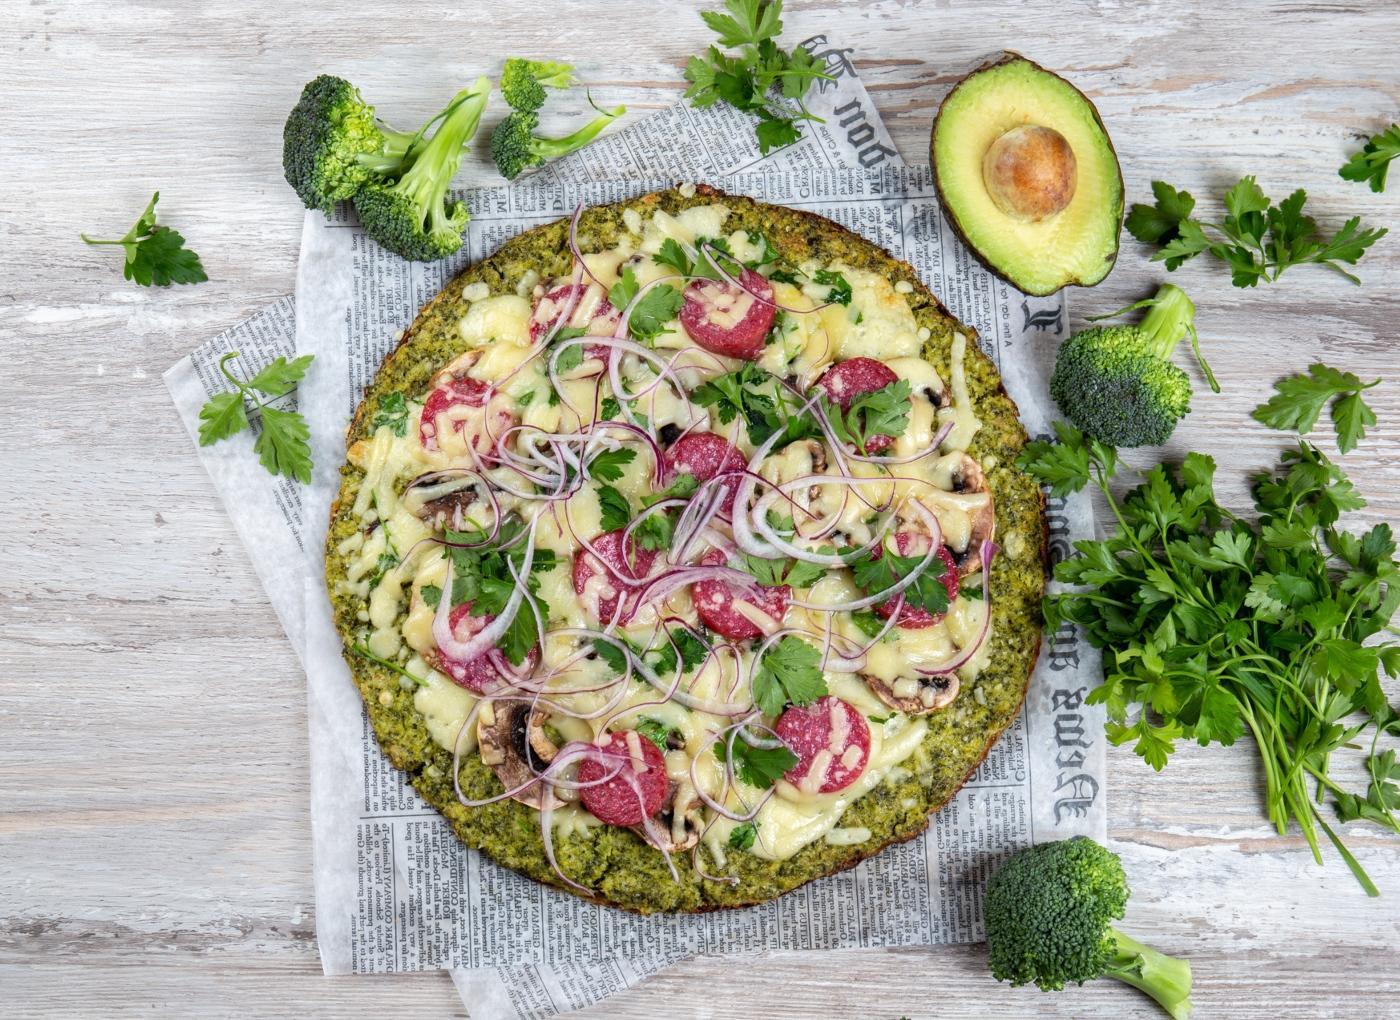 Massa de pizza à base de legumes: brócolos